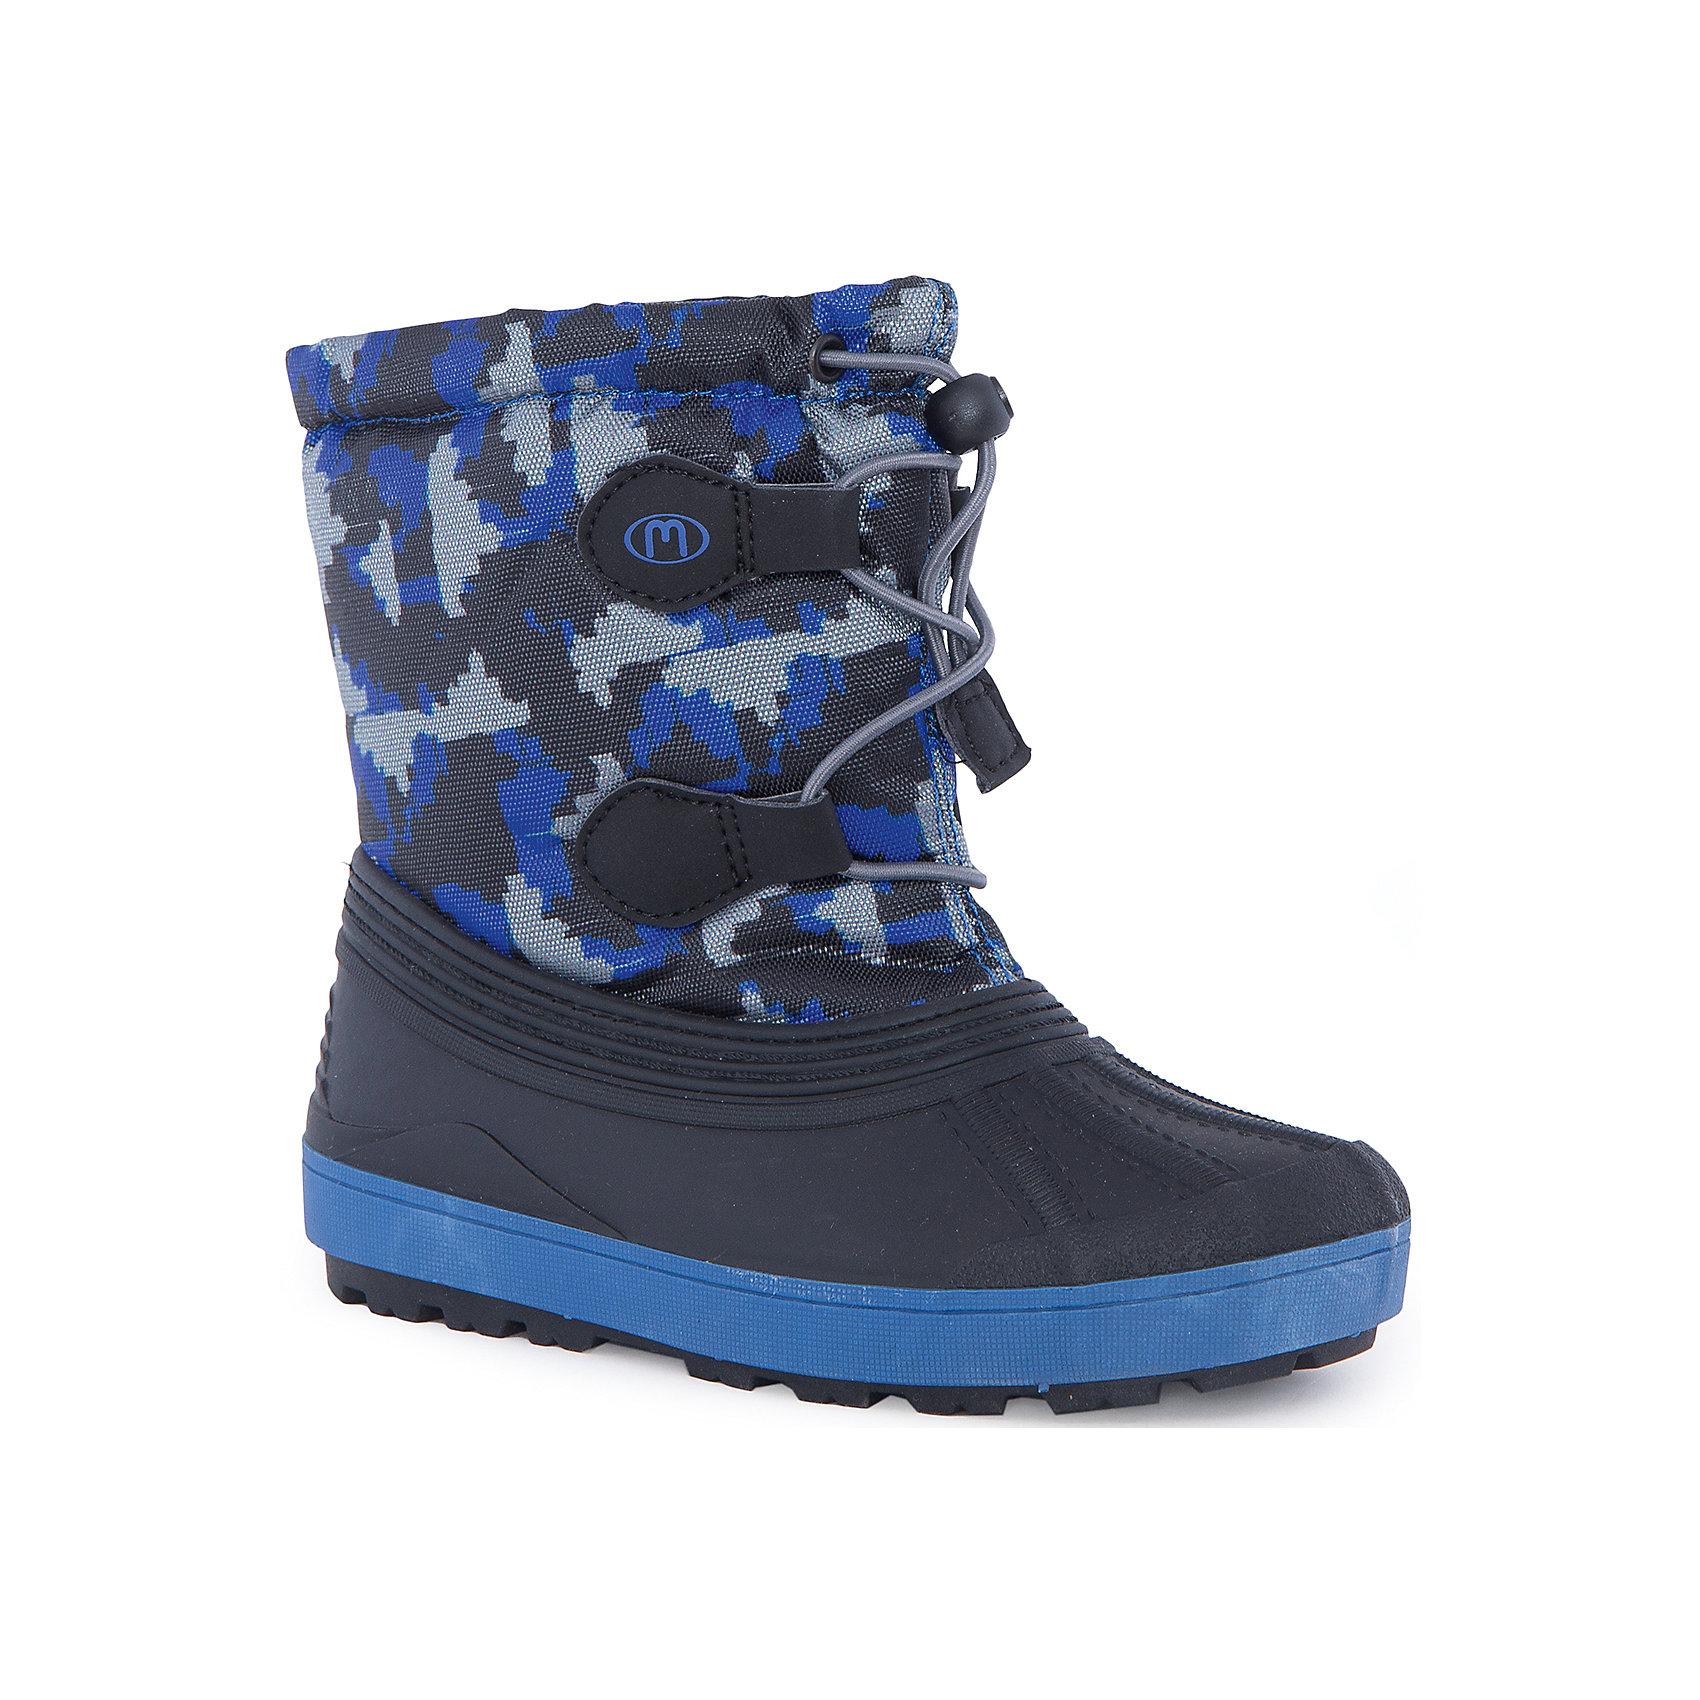 Сноубутсы для мальчика MursuОбувь<br>Сноубутсы для мальчика MURSU (Мурсу).<br><br>Характеристики:<br><br>• цвет: синий<br>• температурный режим до -25С<br>• материал верха: текстиль, резина<br>• внутренний материал: шерсть мех<br>• стелька: шерсть мех<br>• подошва: ТЭП<br>• утяжка по высоте сноубутсов<br>• сезон: зима <br><br>Сноубутсы MURSU очень удобные и теплые. Рифленая подошва обеспечит хорошую устойчивость в холодное время года. Шерстяная стелька и подкладка гарантируют тепло и сухость. Модель утягивается по толщине ноги. В этих сноубутсах ребенку будет очень комфортно даже в мороз!<br><br>Сноубутсы для мальчика MURSU (Мурсу) вы можете купить в нашем интернет-магазине.<br><br>Ширина мм: 262<br>Глубина мм: 176<br>Высота мм: 97<br>Вес г: 427<br>Цвет: синий<br>Возраст от месяцев: -2147483648<br>Возраст до месяцев: 2147483647<br>Пол: Мужской<br>Возраст: Детский<br>Размер: 24/25,30/31,28/29,26/27<br>SKU: 4876299